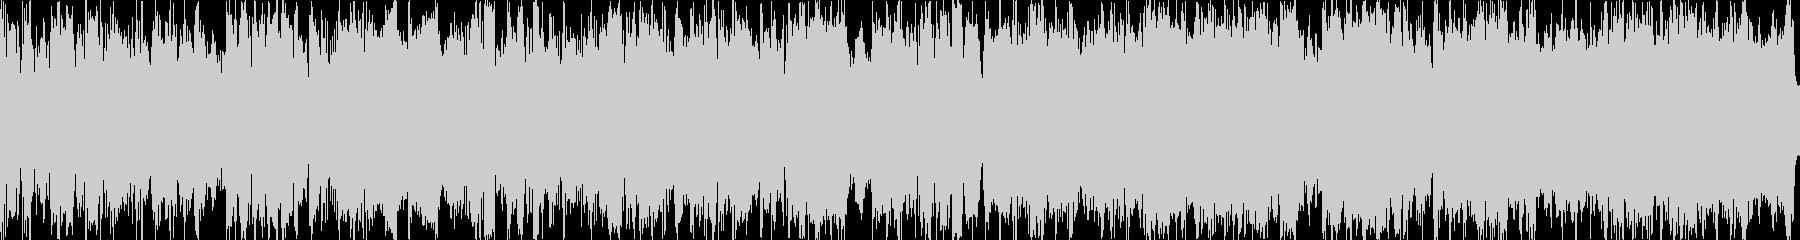 8bitピコピコ(つなぎ)の未再生の波形